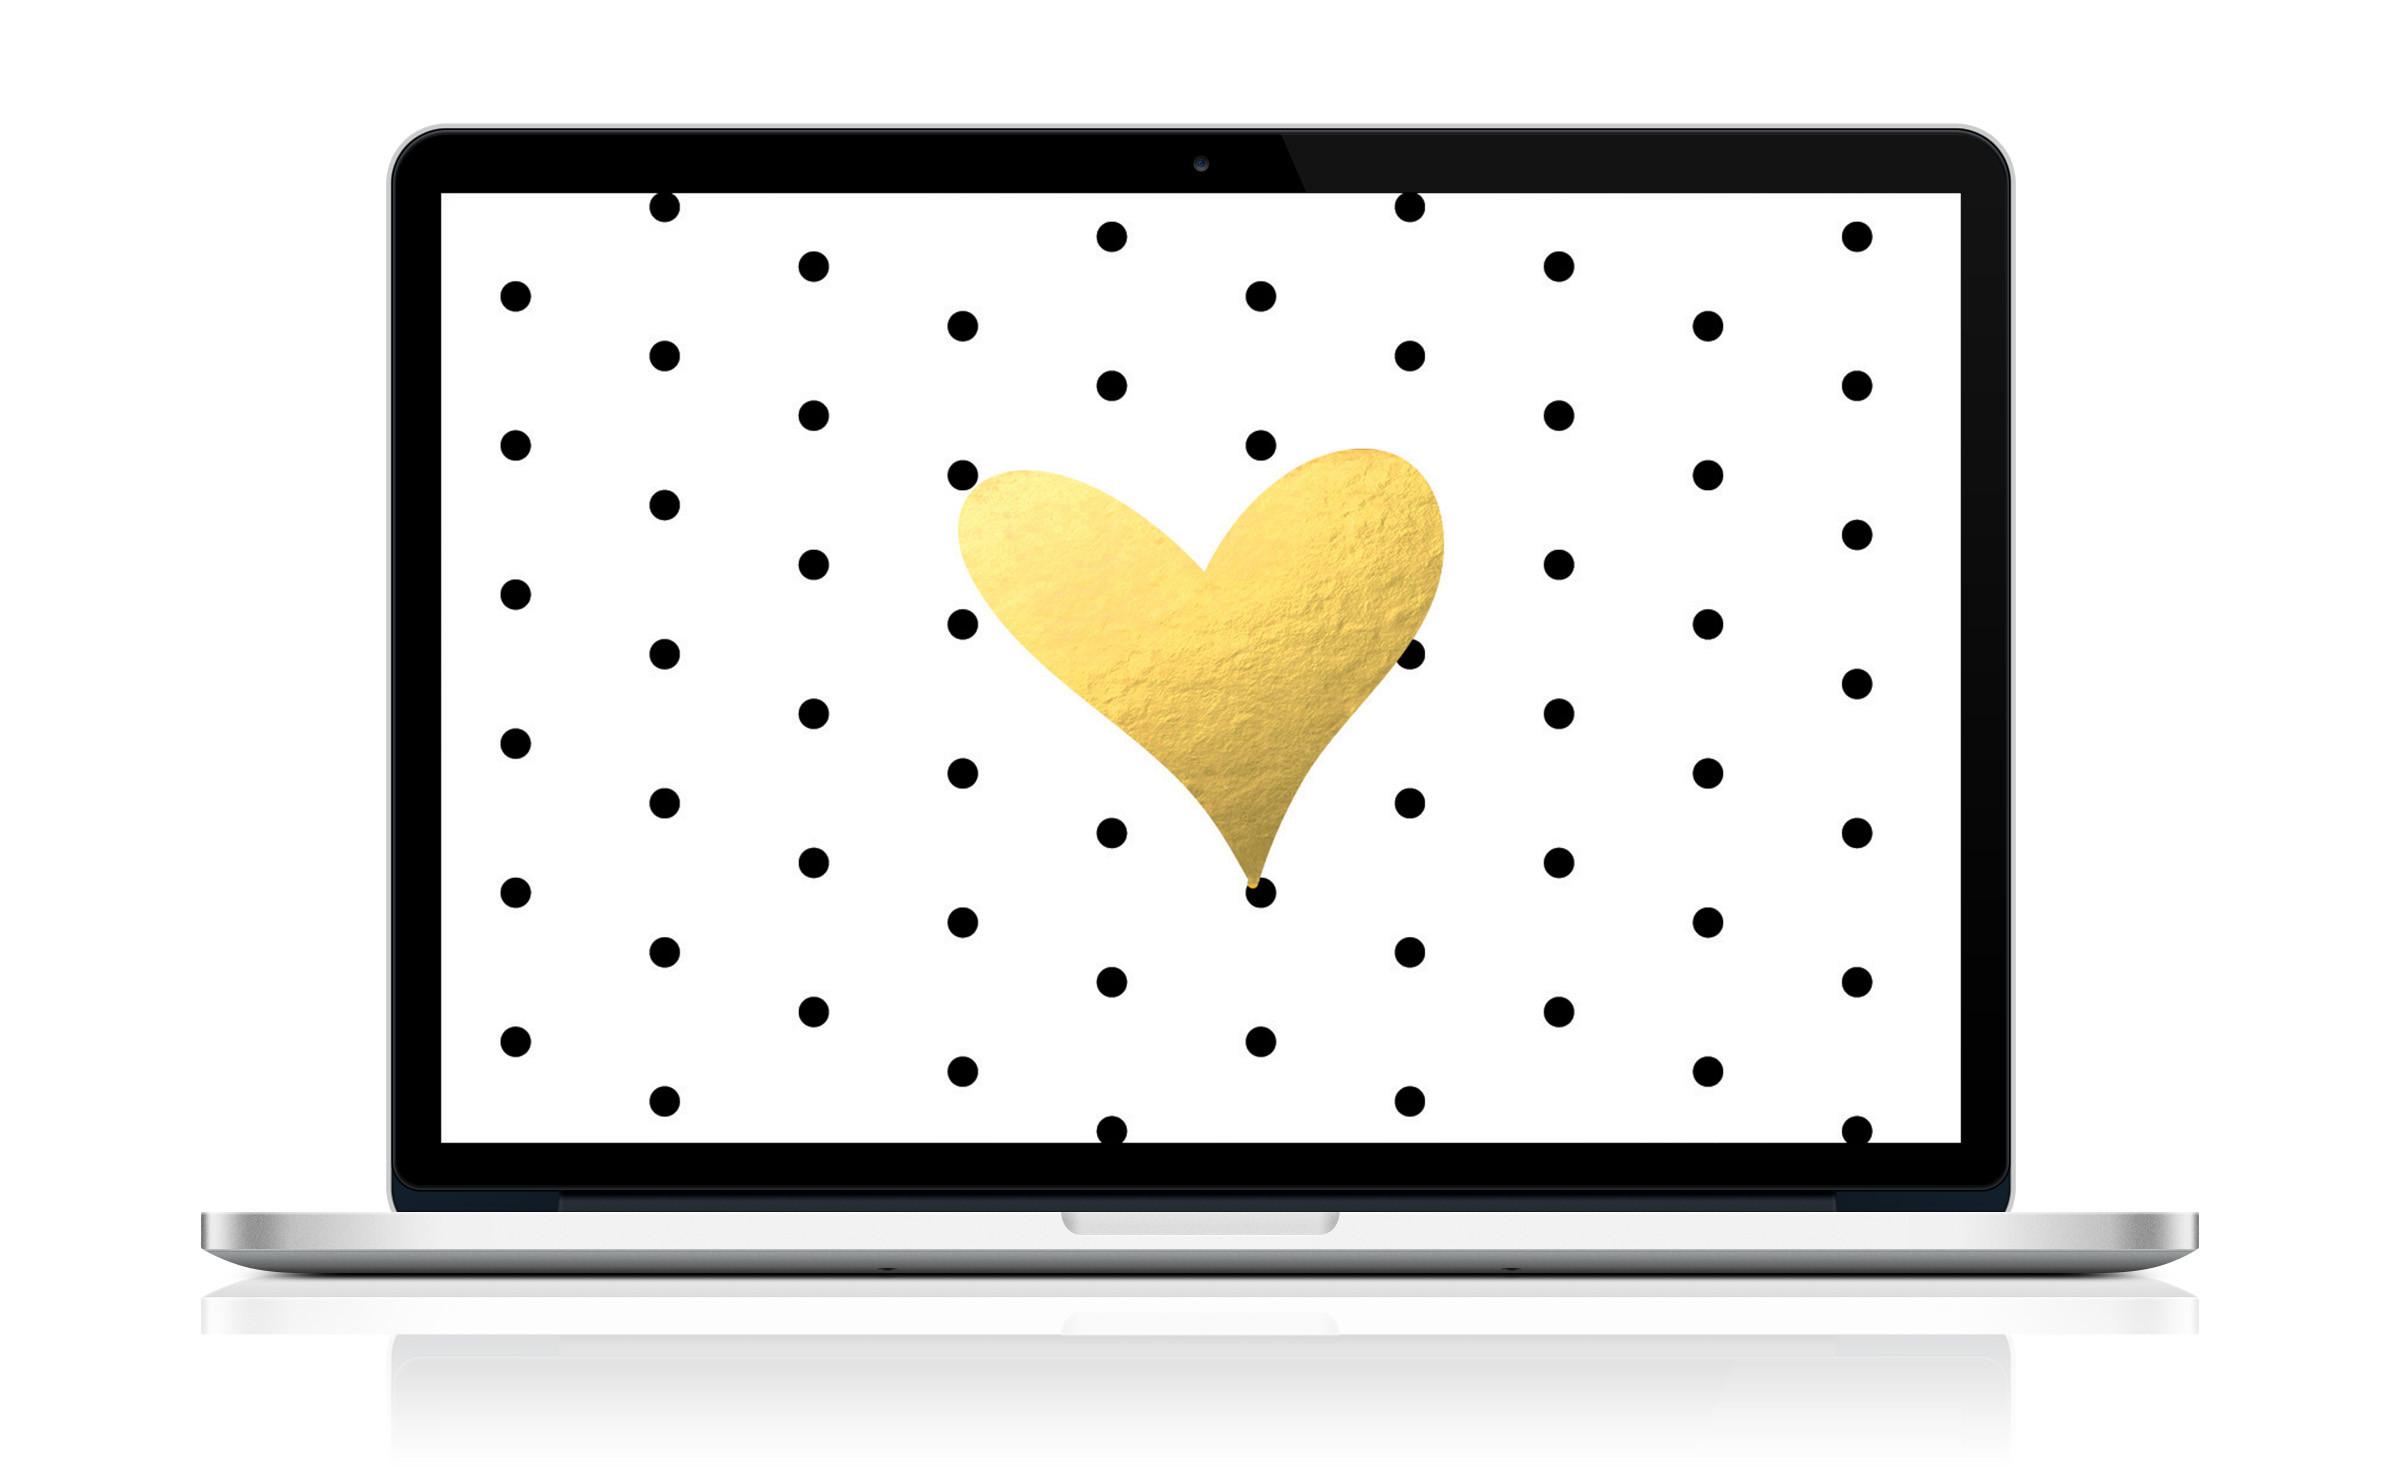 Free Desktop or Laptop Wallpaper! Black & White Dots + Gold Heart!